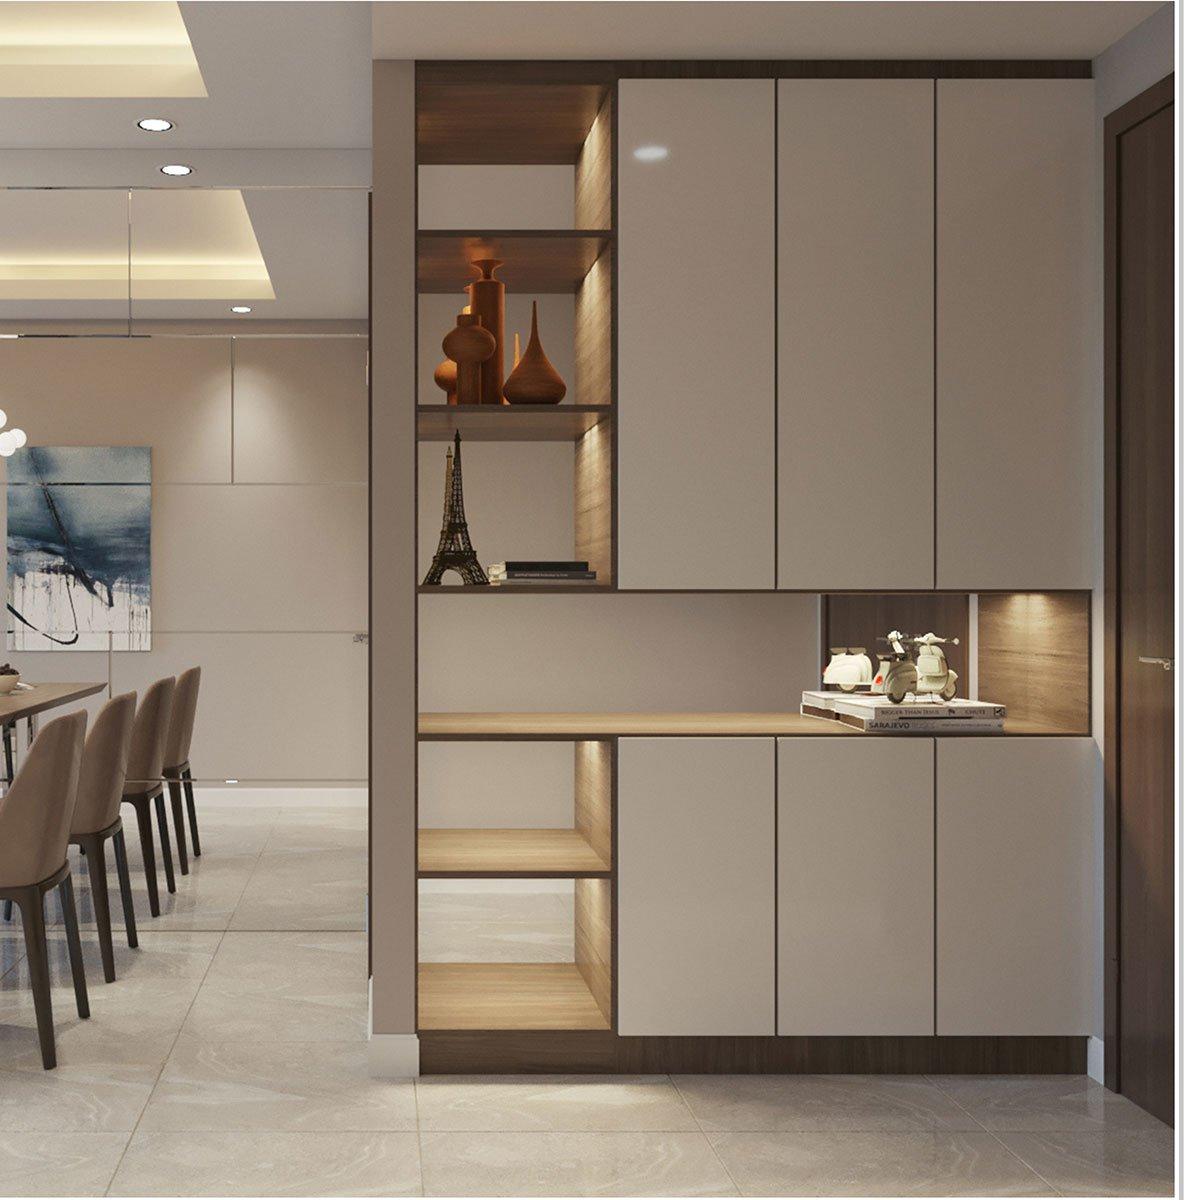 Tư vấn thiết kế nội thất căn hộ chung cư 100m² ở Bình Dương theo phong cách hiện đại, tối giản với chi phí 78 triệu - Ảnh 3.